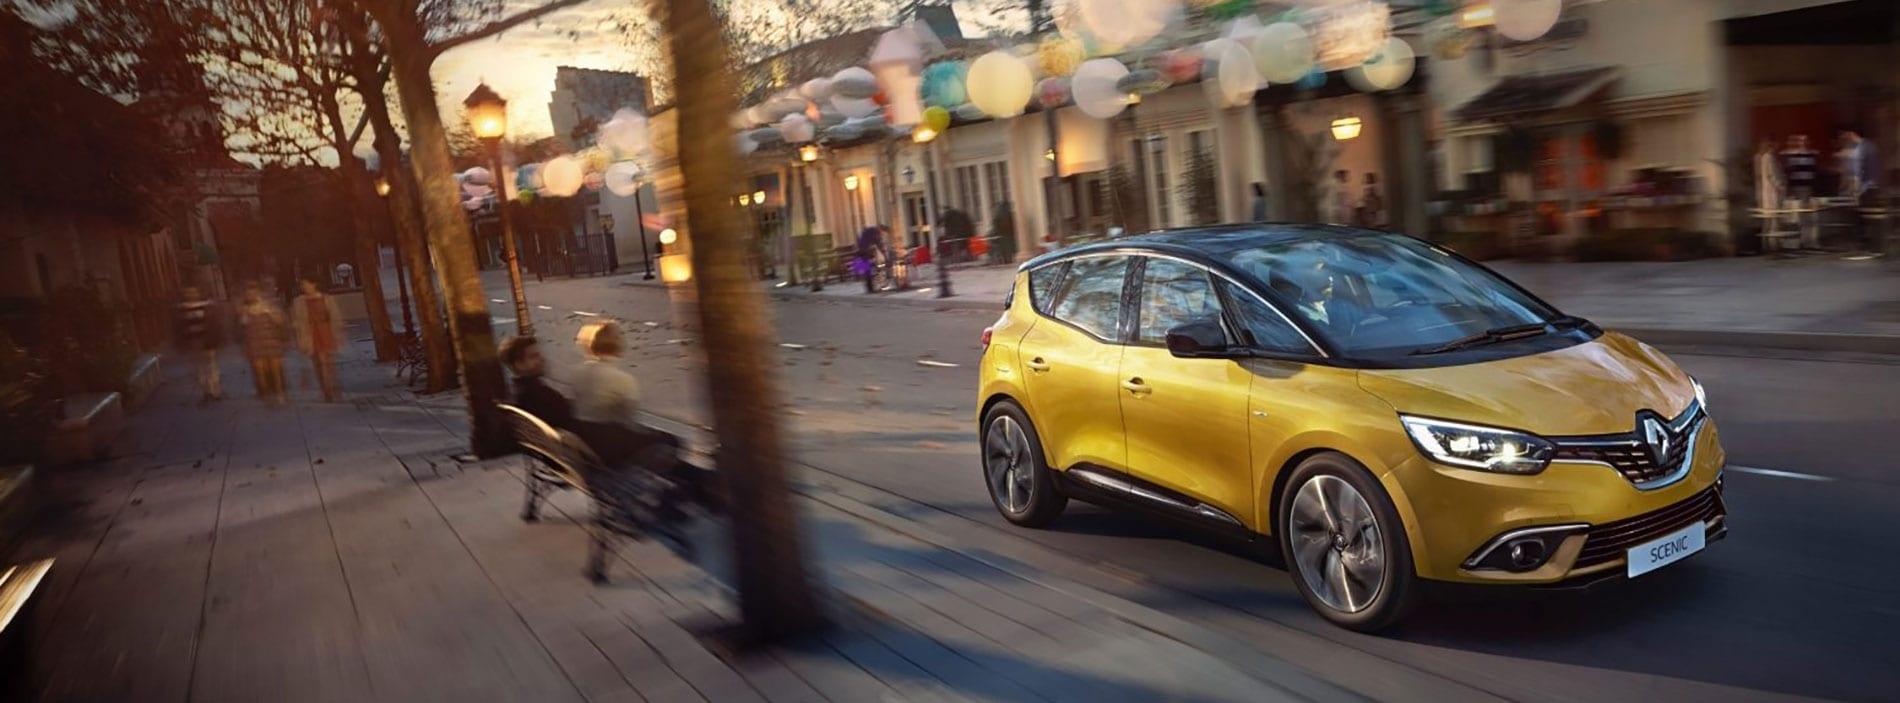 Beisswänger Reutlingen - Renault und Dacia - Tag der offenen Tür am 15.10.2016 -der neue Scenic ist da